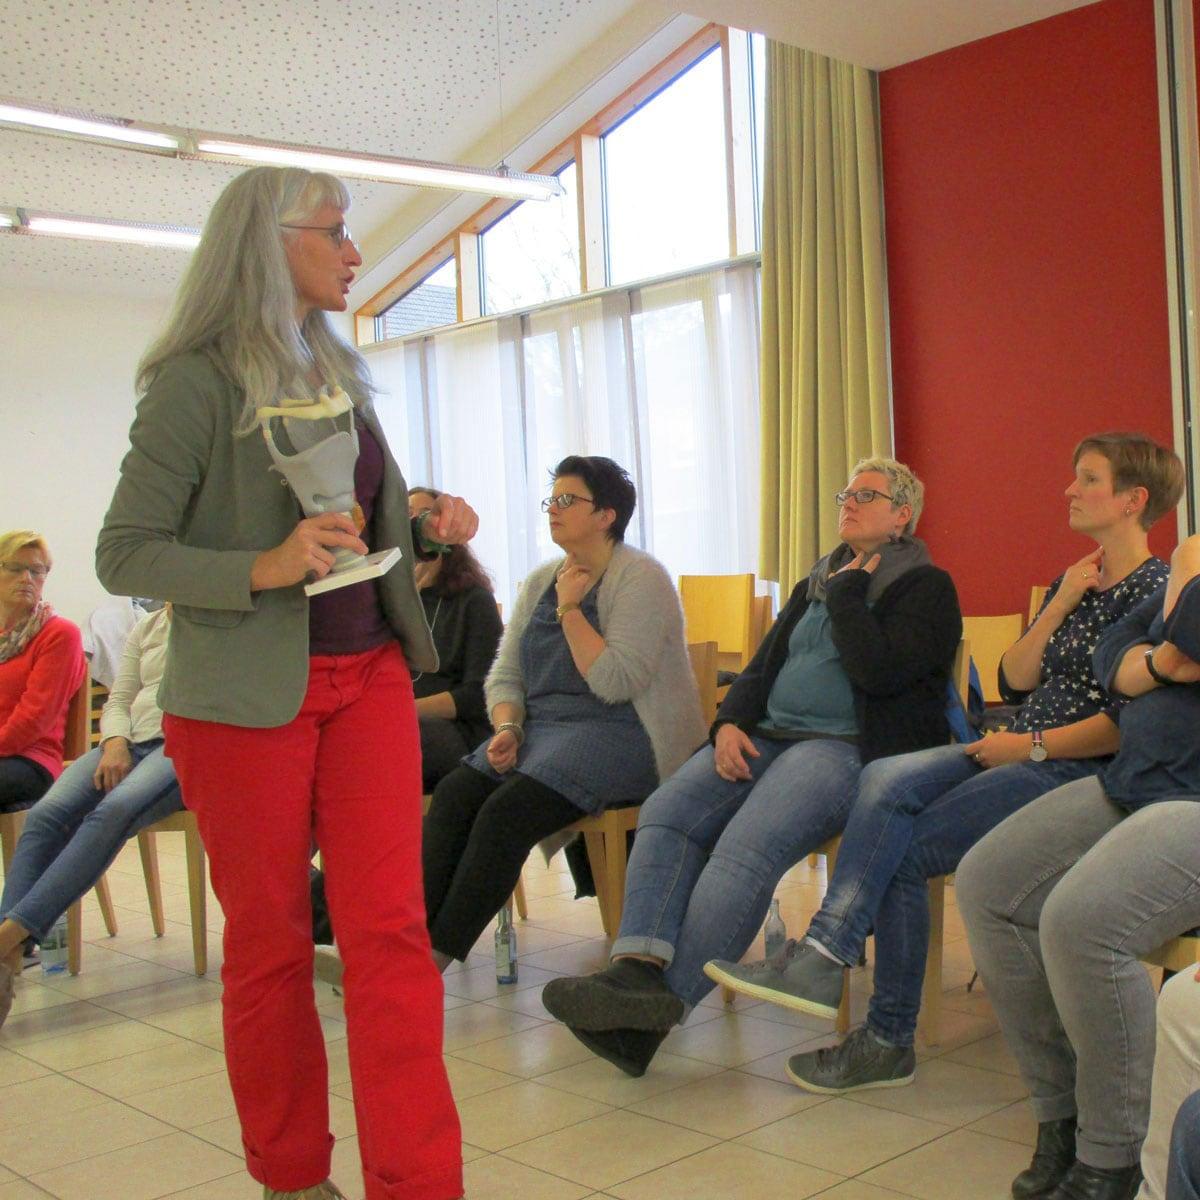 Praxis Elke Wehling - Gescher & Münster - Workshop Bei Stimme bleiben